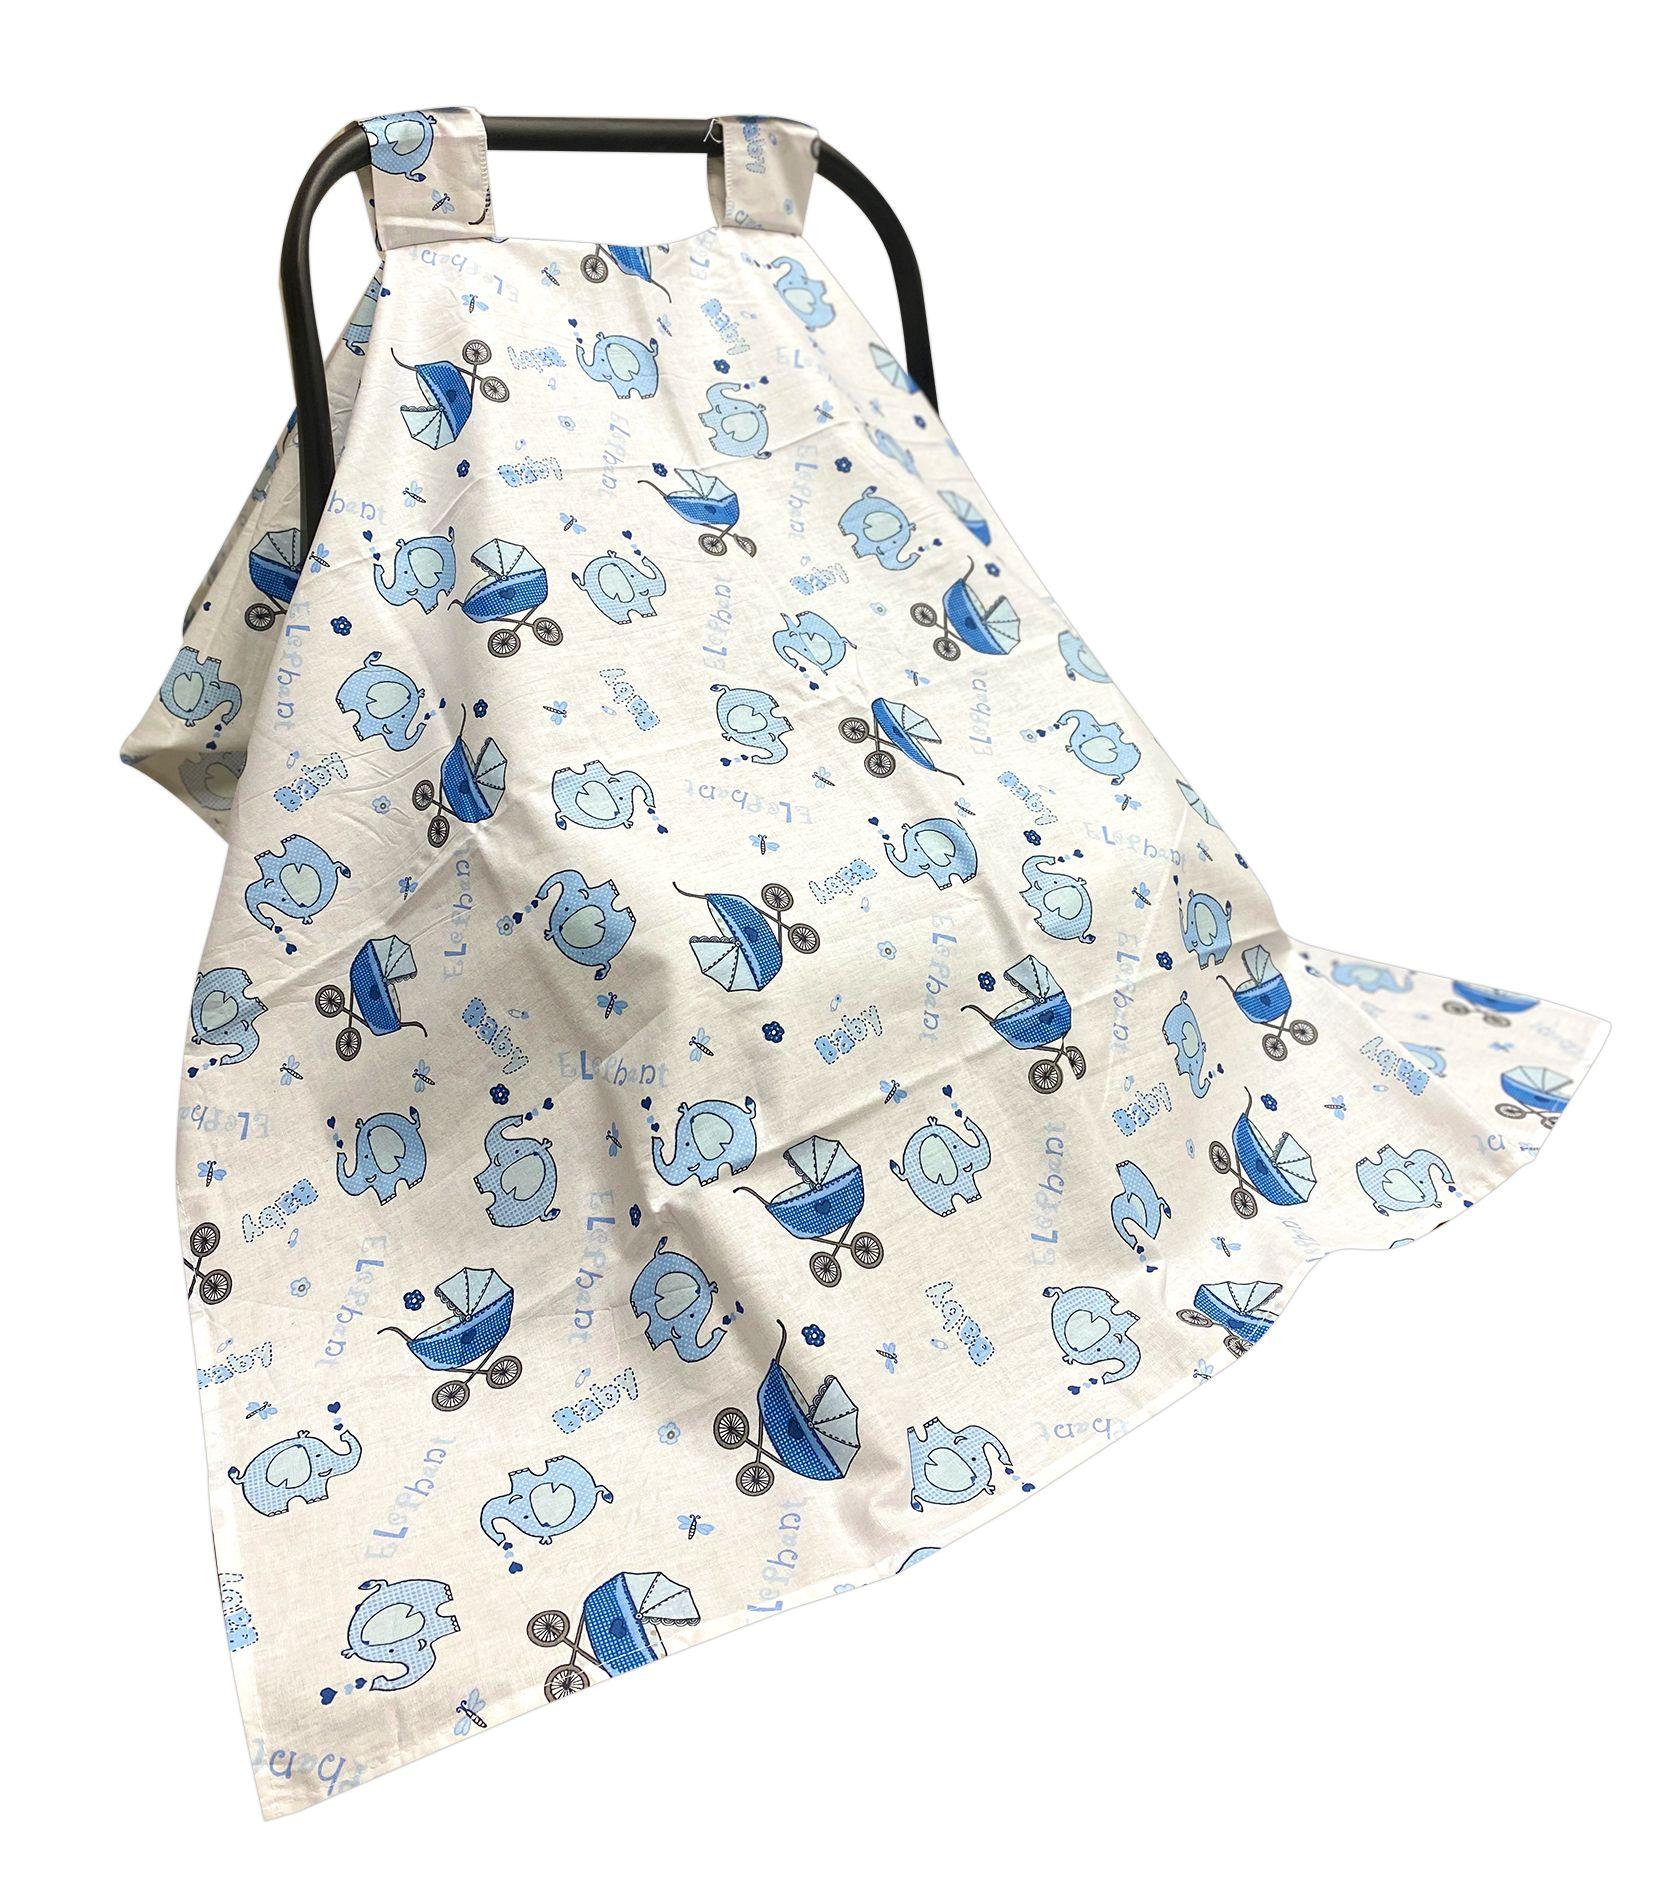 AyBaby AY729 Desenli Puset Örtüsü - Mavi Fil